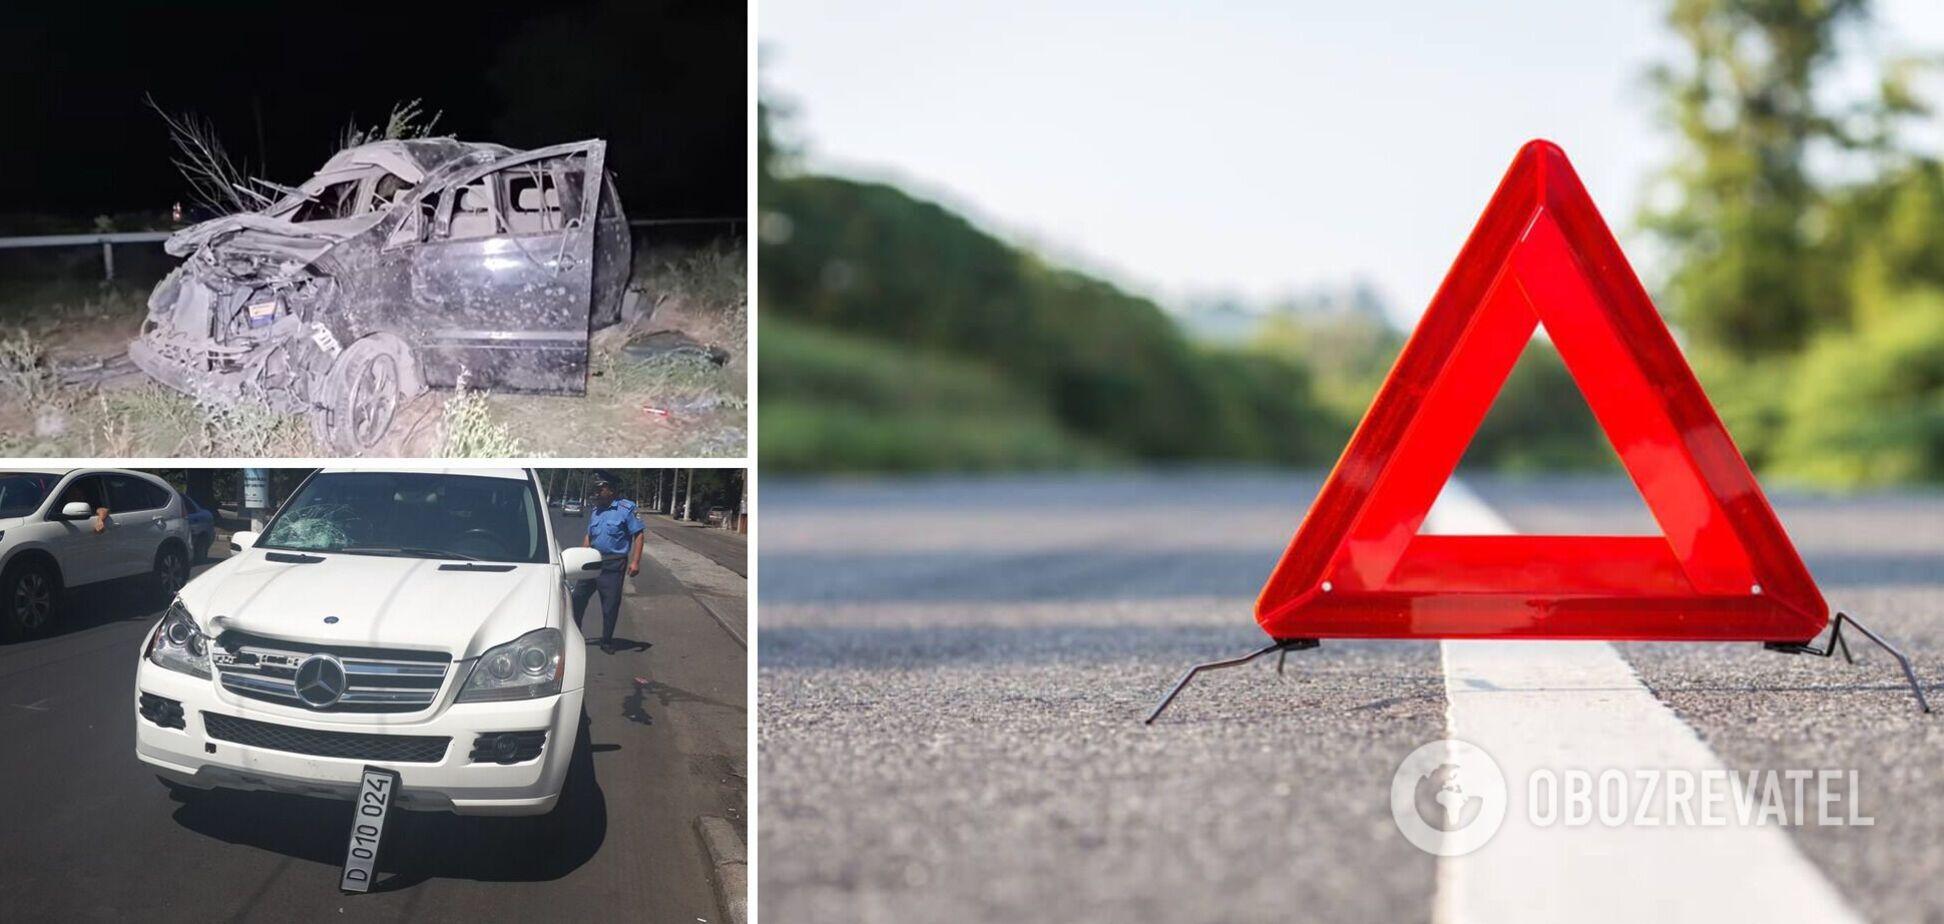 Виновник резонансного ДТП в Одессе, избежавший наказания, погиб в аварии в Армении. Фото